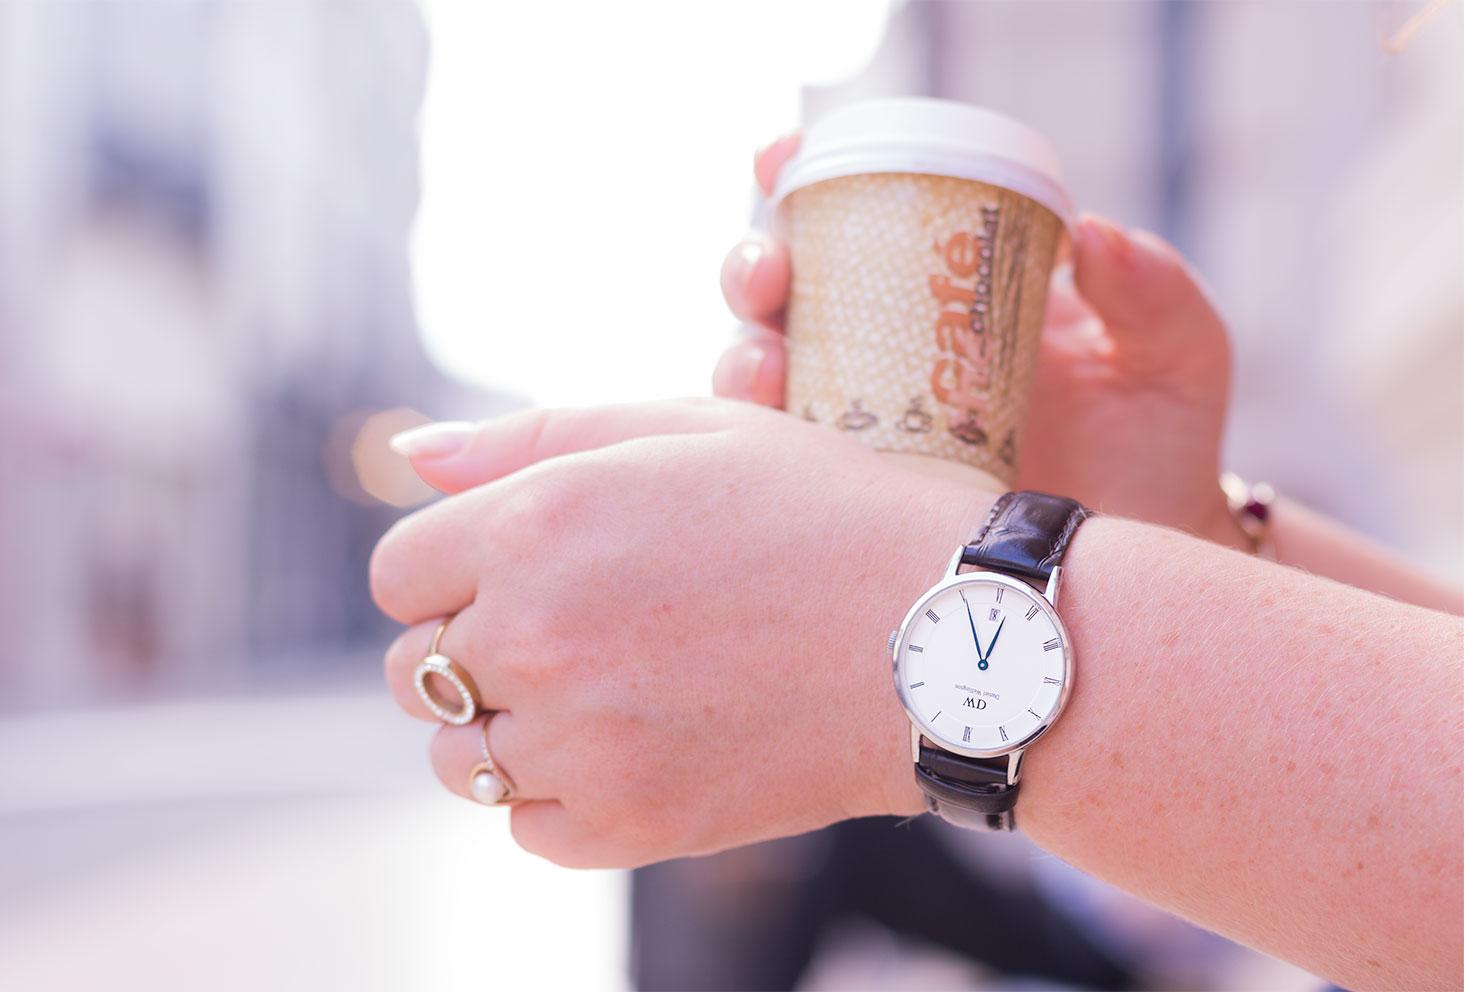 La montre marron Dapper Work de Daniel Wellington portée avec un café à emporter dans la main